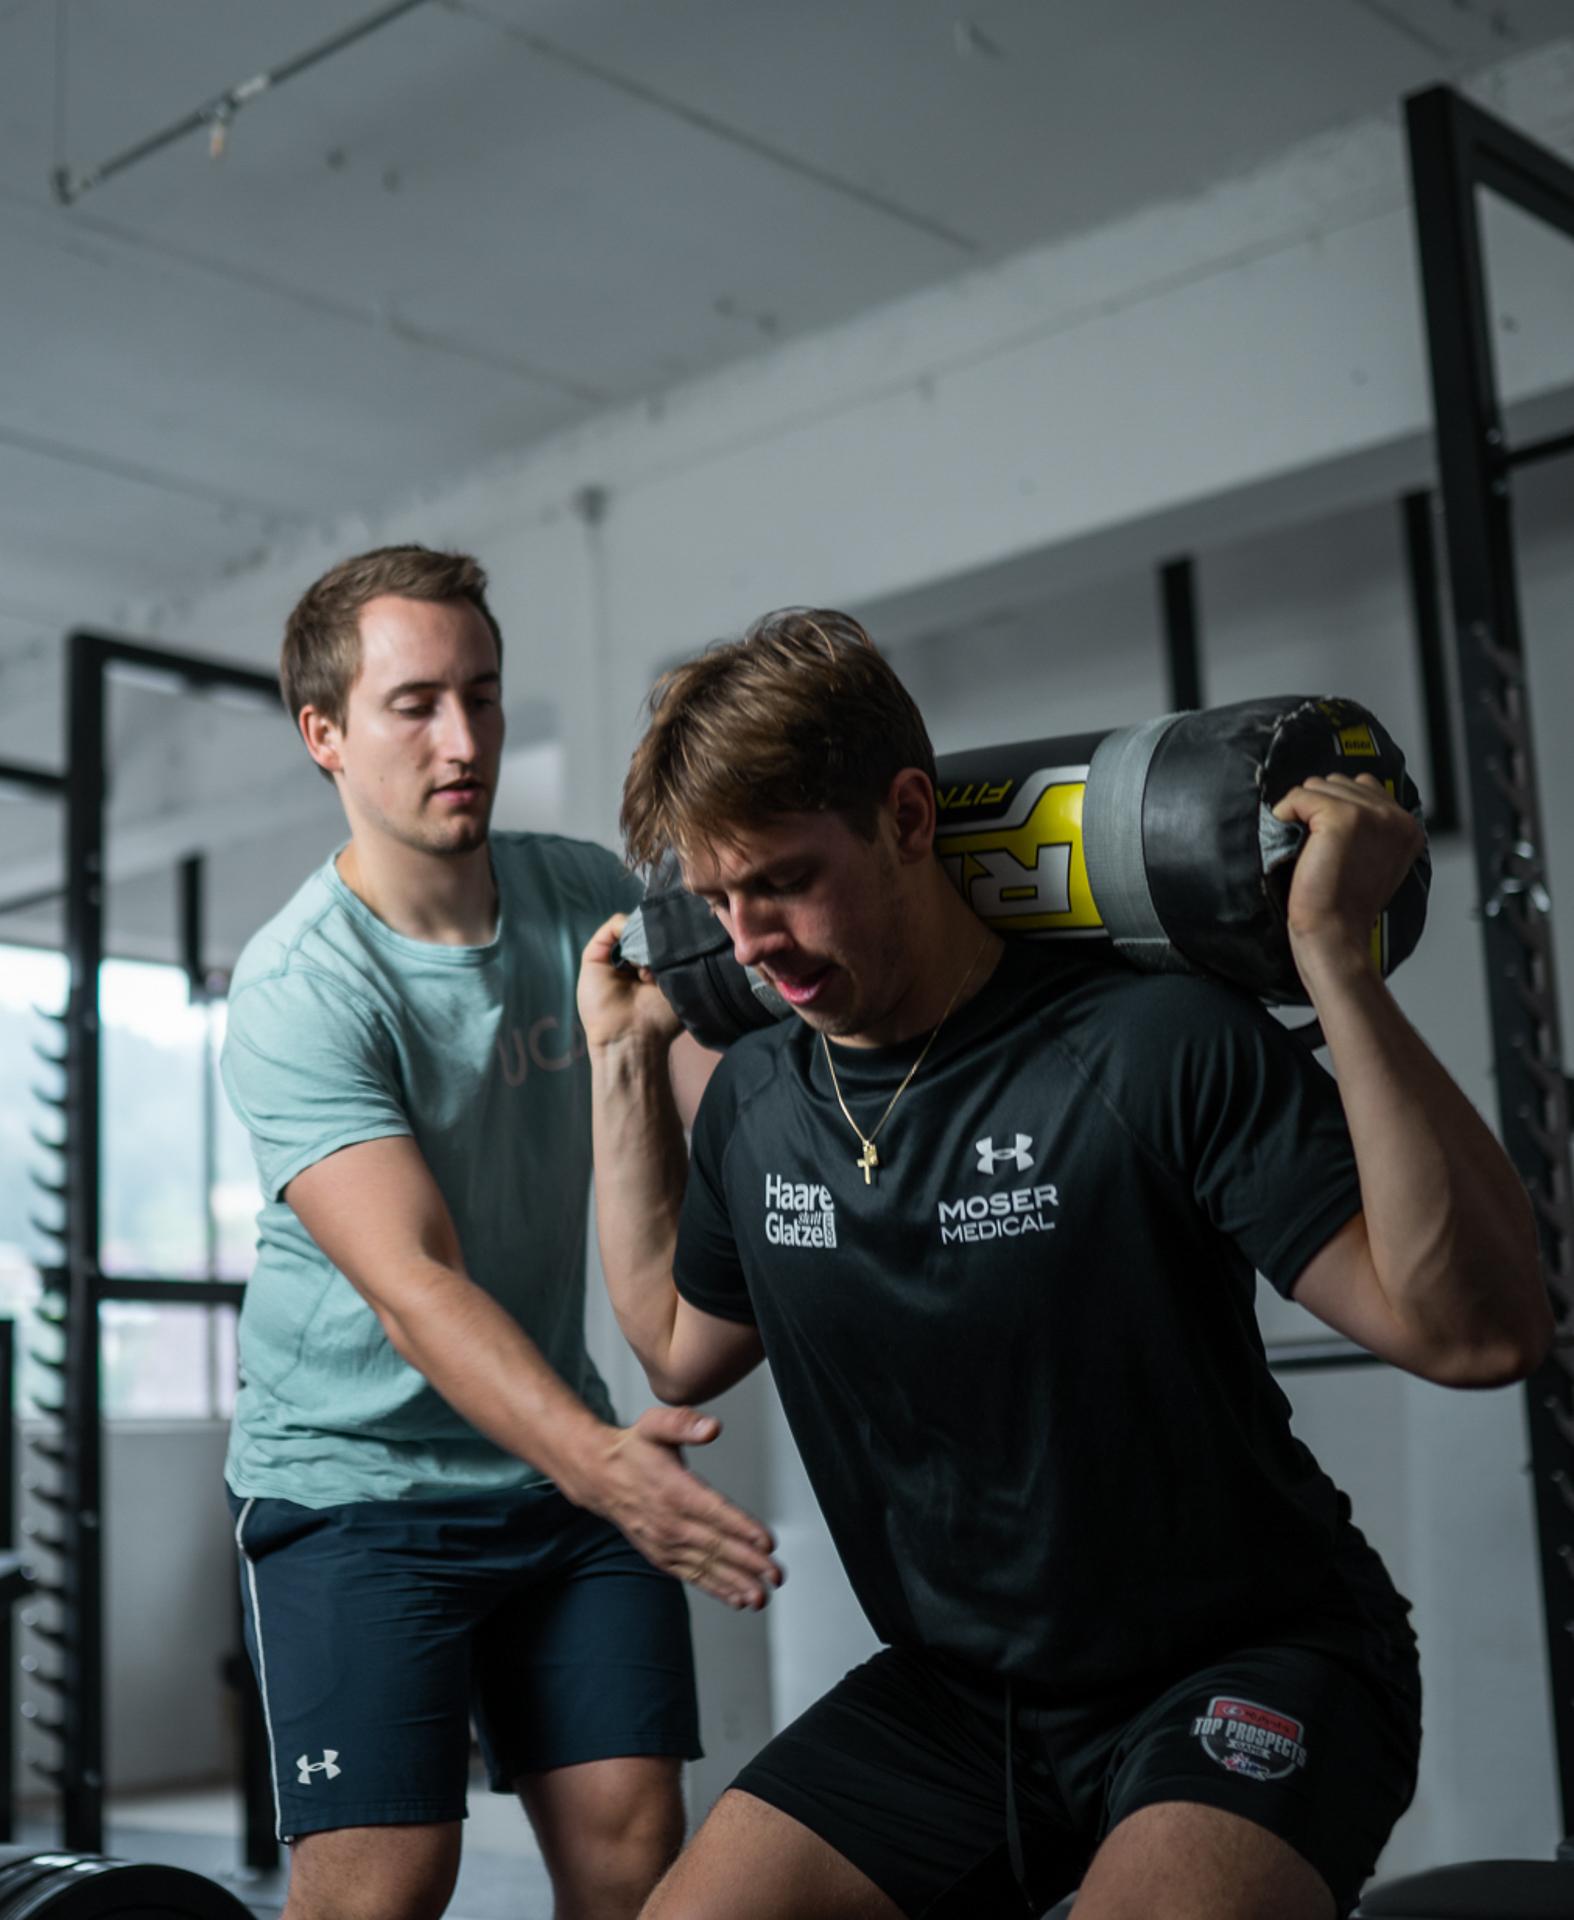 Marco trainiert mit Gewicht auf den Schultern